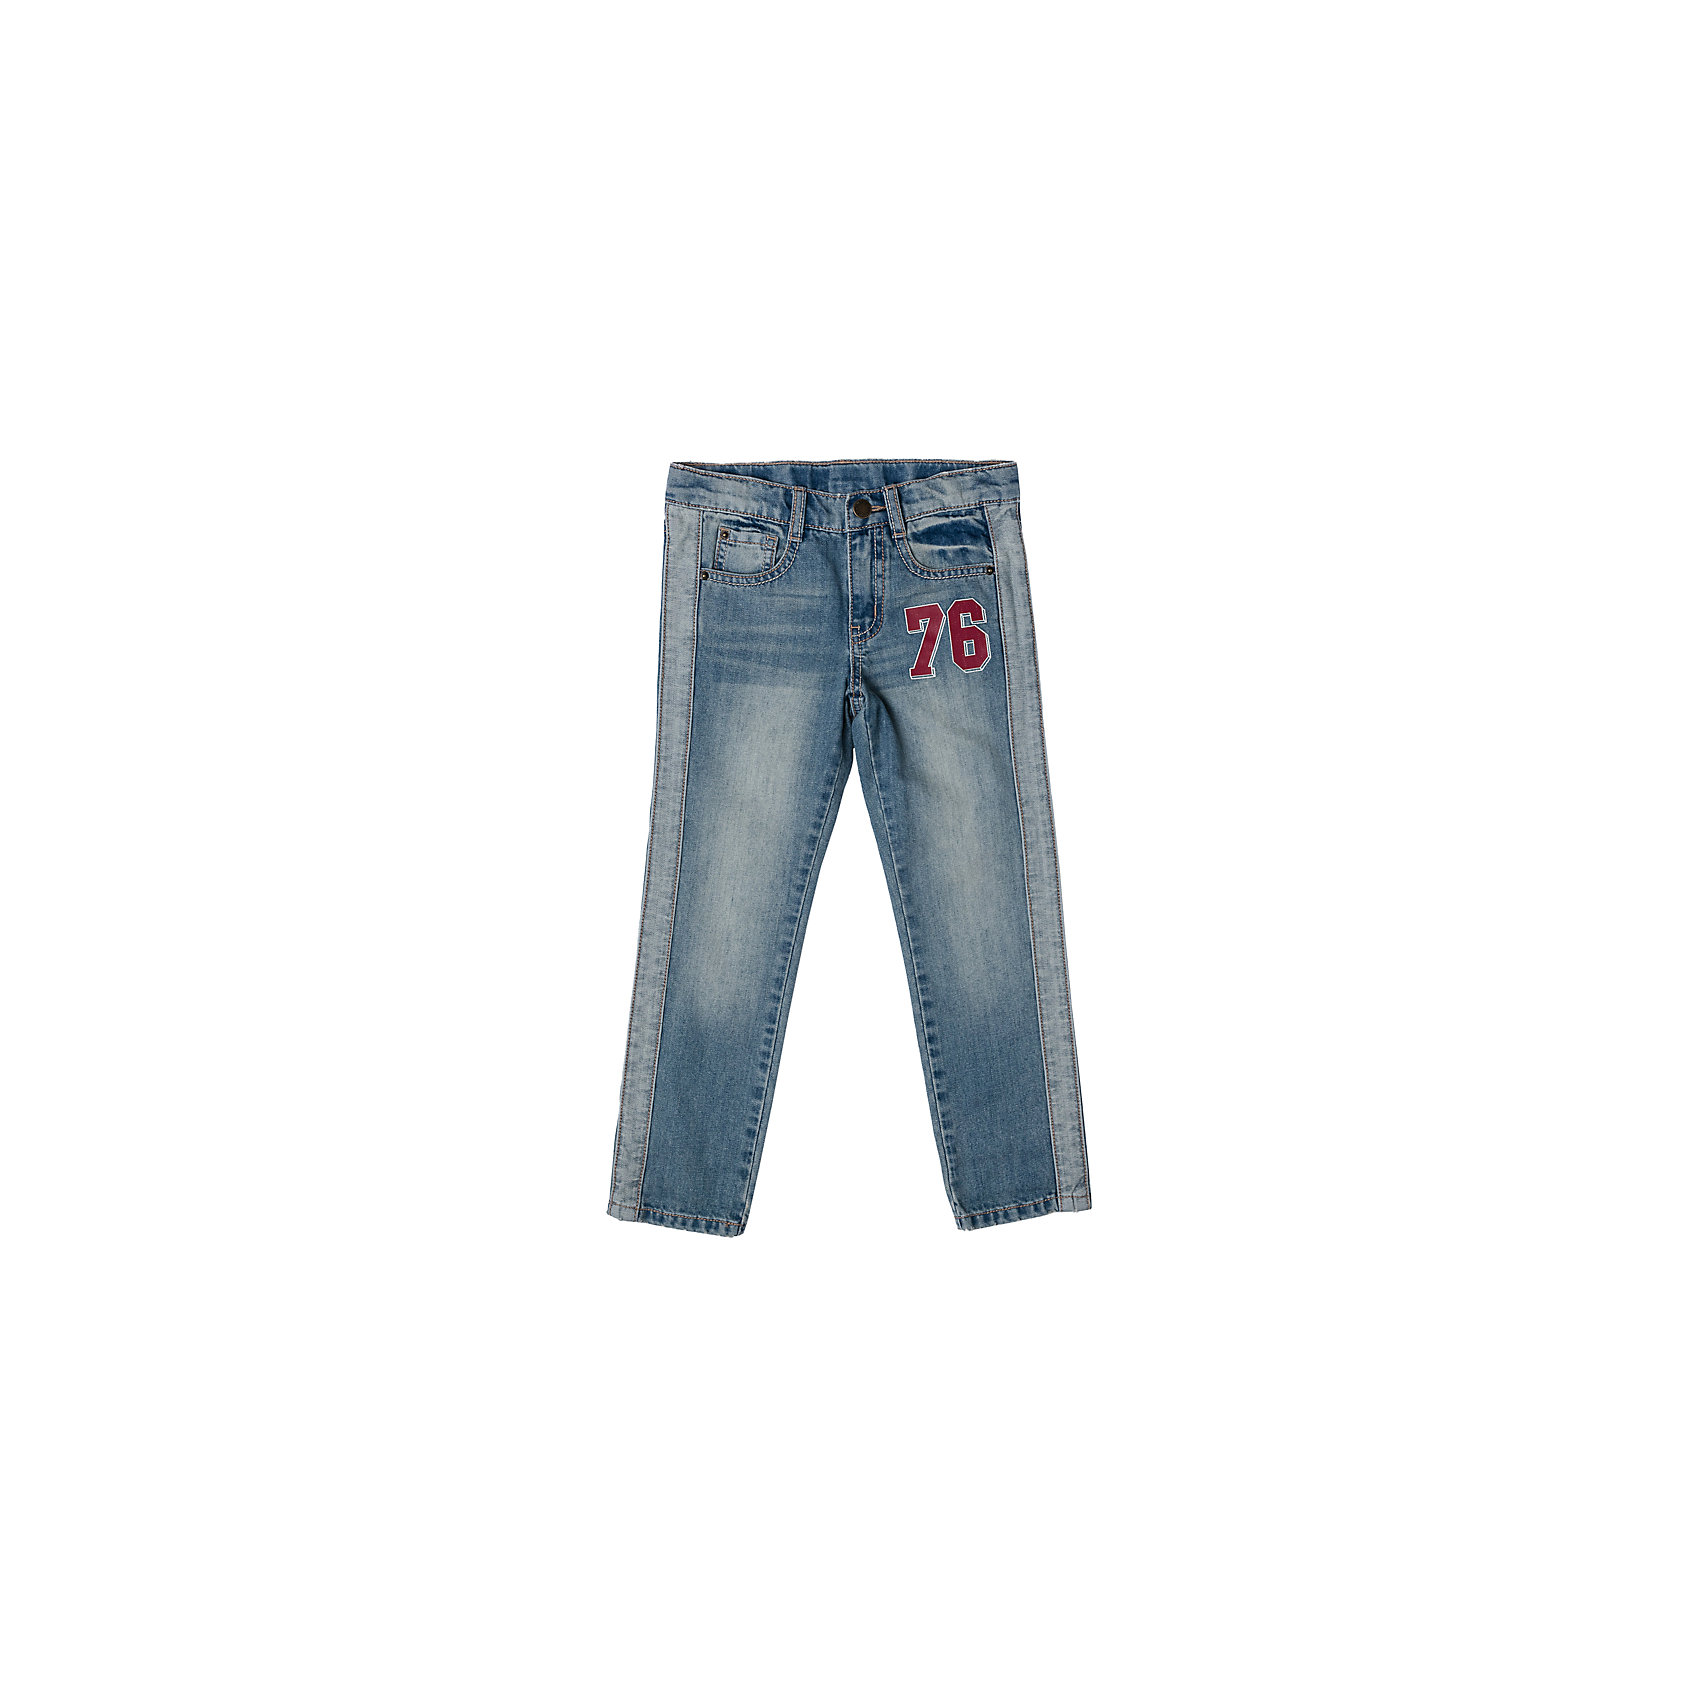 Джинсы для мальчика PlayTodayДжинсы<br>Джинсы для мальчика PlayToday<br>Стильные эффектные брюки из джинсовой ткани с ярким принтом и эффектом потертости прекрасно подойдут для повседневной носки. Удобны для длительных прогулок на свежем воздухе. Модель снабжена 5-ю полноценными карманами. Пояс со шлевками, при необходимости можно использовать ремень. Джинсы застегиваются на скрытую застежку-молнию и металлическую пуговицу <br><br>Преимущества: <br><br>Пояс со шлевками, при необходимости можно использовать ремень<br>Модель снабжена 5-ю полноценными карманами<br>Скрытая застежка - молния и металлическая пуговица<br><br>Состав:<br>80% хлопок, 20% полиэстер<br><br>Ширина мм: 215<br>Глубина мм: 88<br>Высота мм: 191<br>Вес г: 336<br>Цвет: разноцветный<br>Возраст от месяцев: 48<br>Возраст до месяцев: 60<br>Пол: Мужской<br>Возраст: Детский<br>Размер: 110,116,122,128,98,104<br>SKU: 5401943